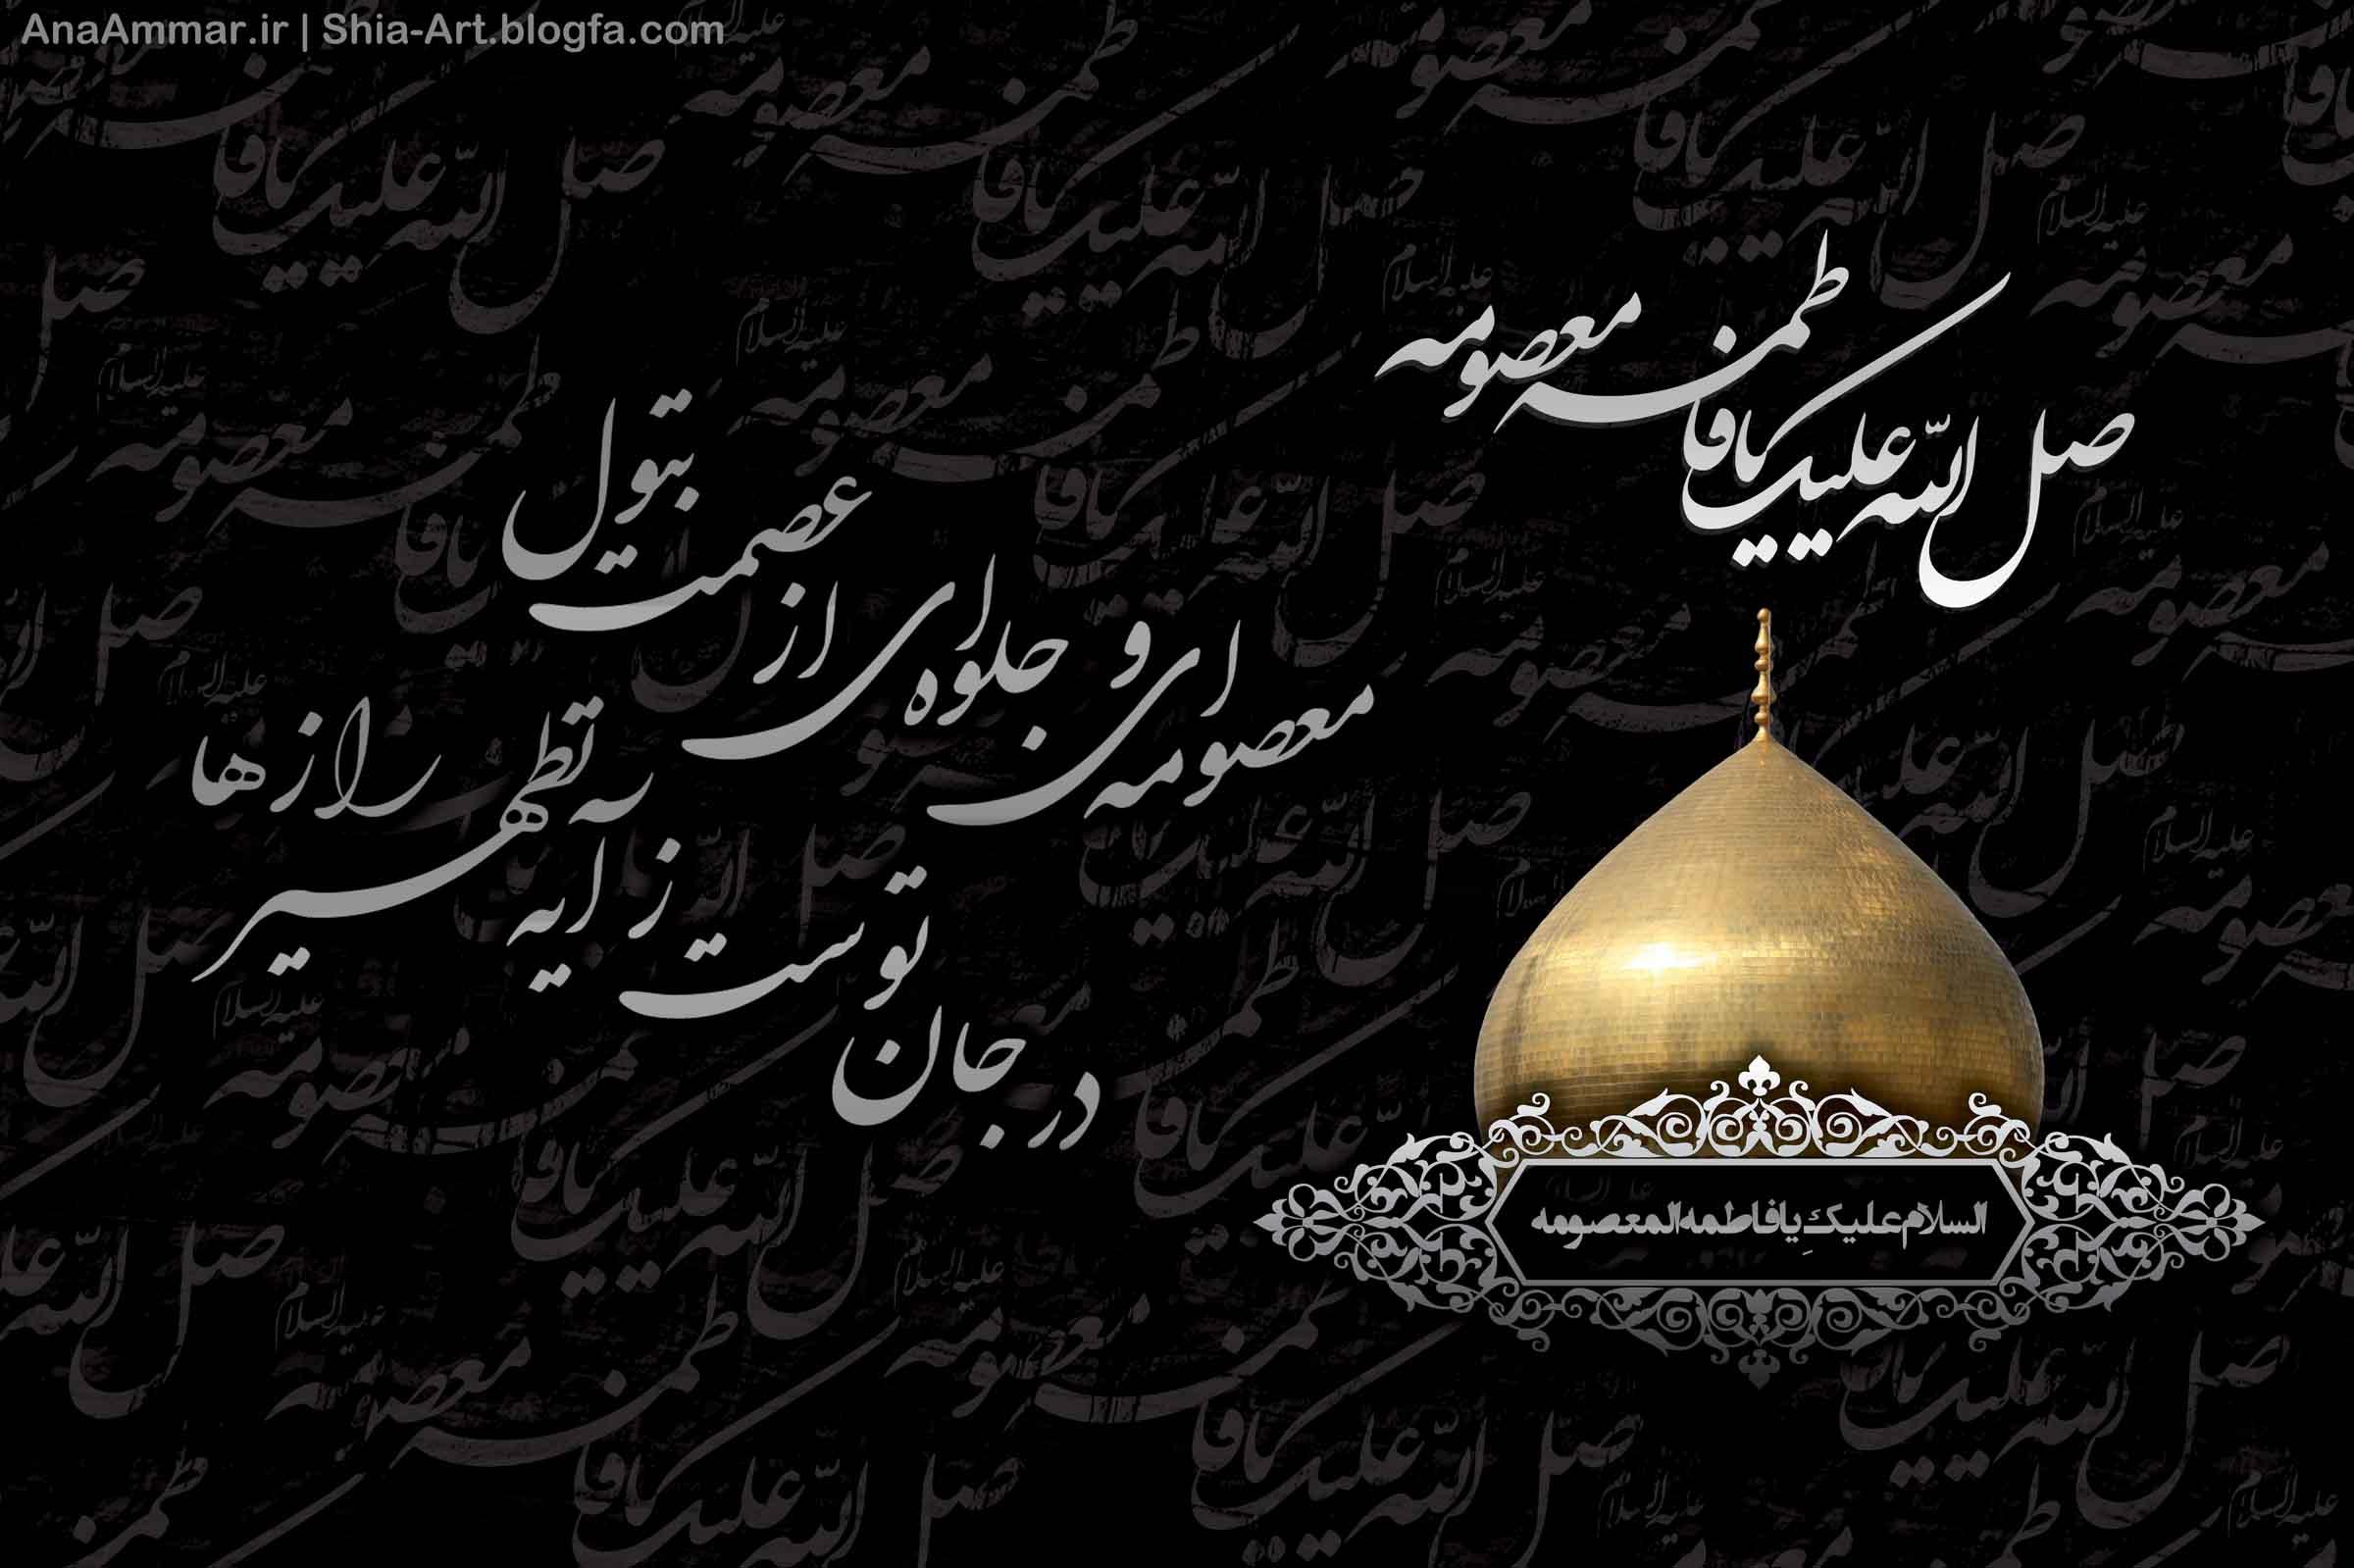 اعلام مراسم هیات لواء المهدی (عج) رفسنجان،عزای حضرت معصومه در باشگاه صاحب الزمان10بهمن